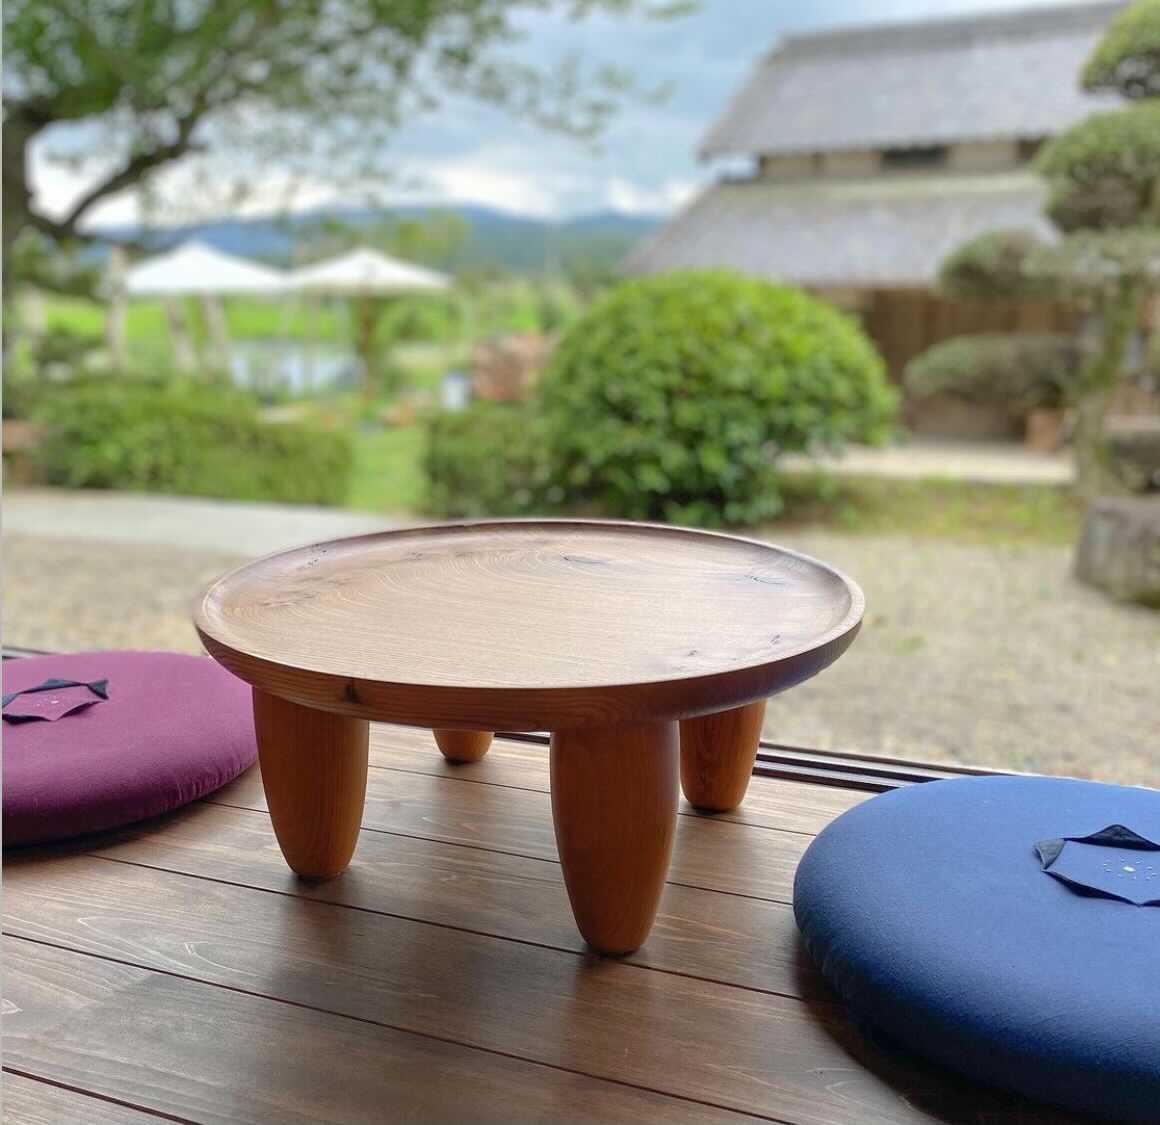 7月22日(木・祝) 古民家カフェ ヨガイベント開催します!